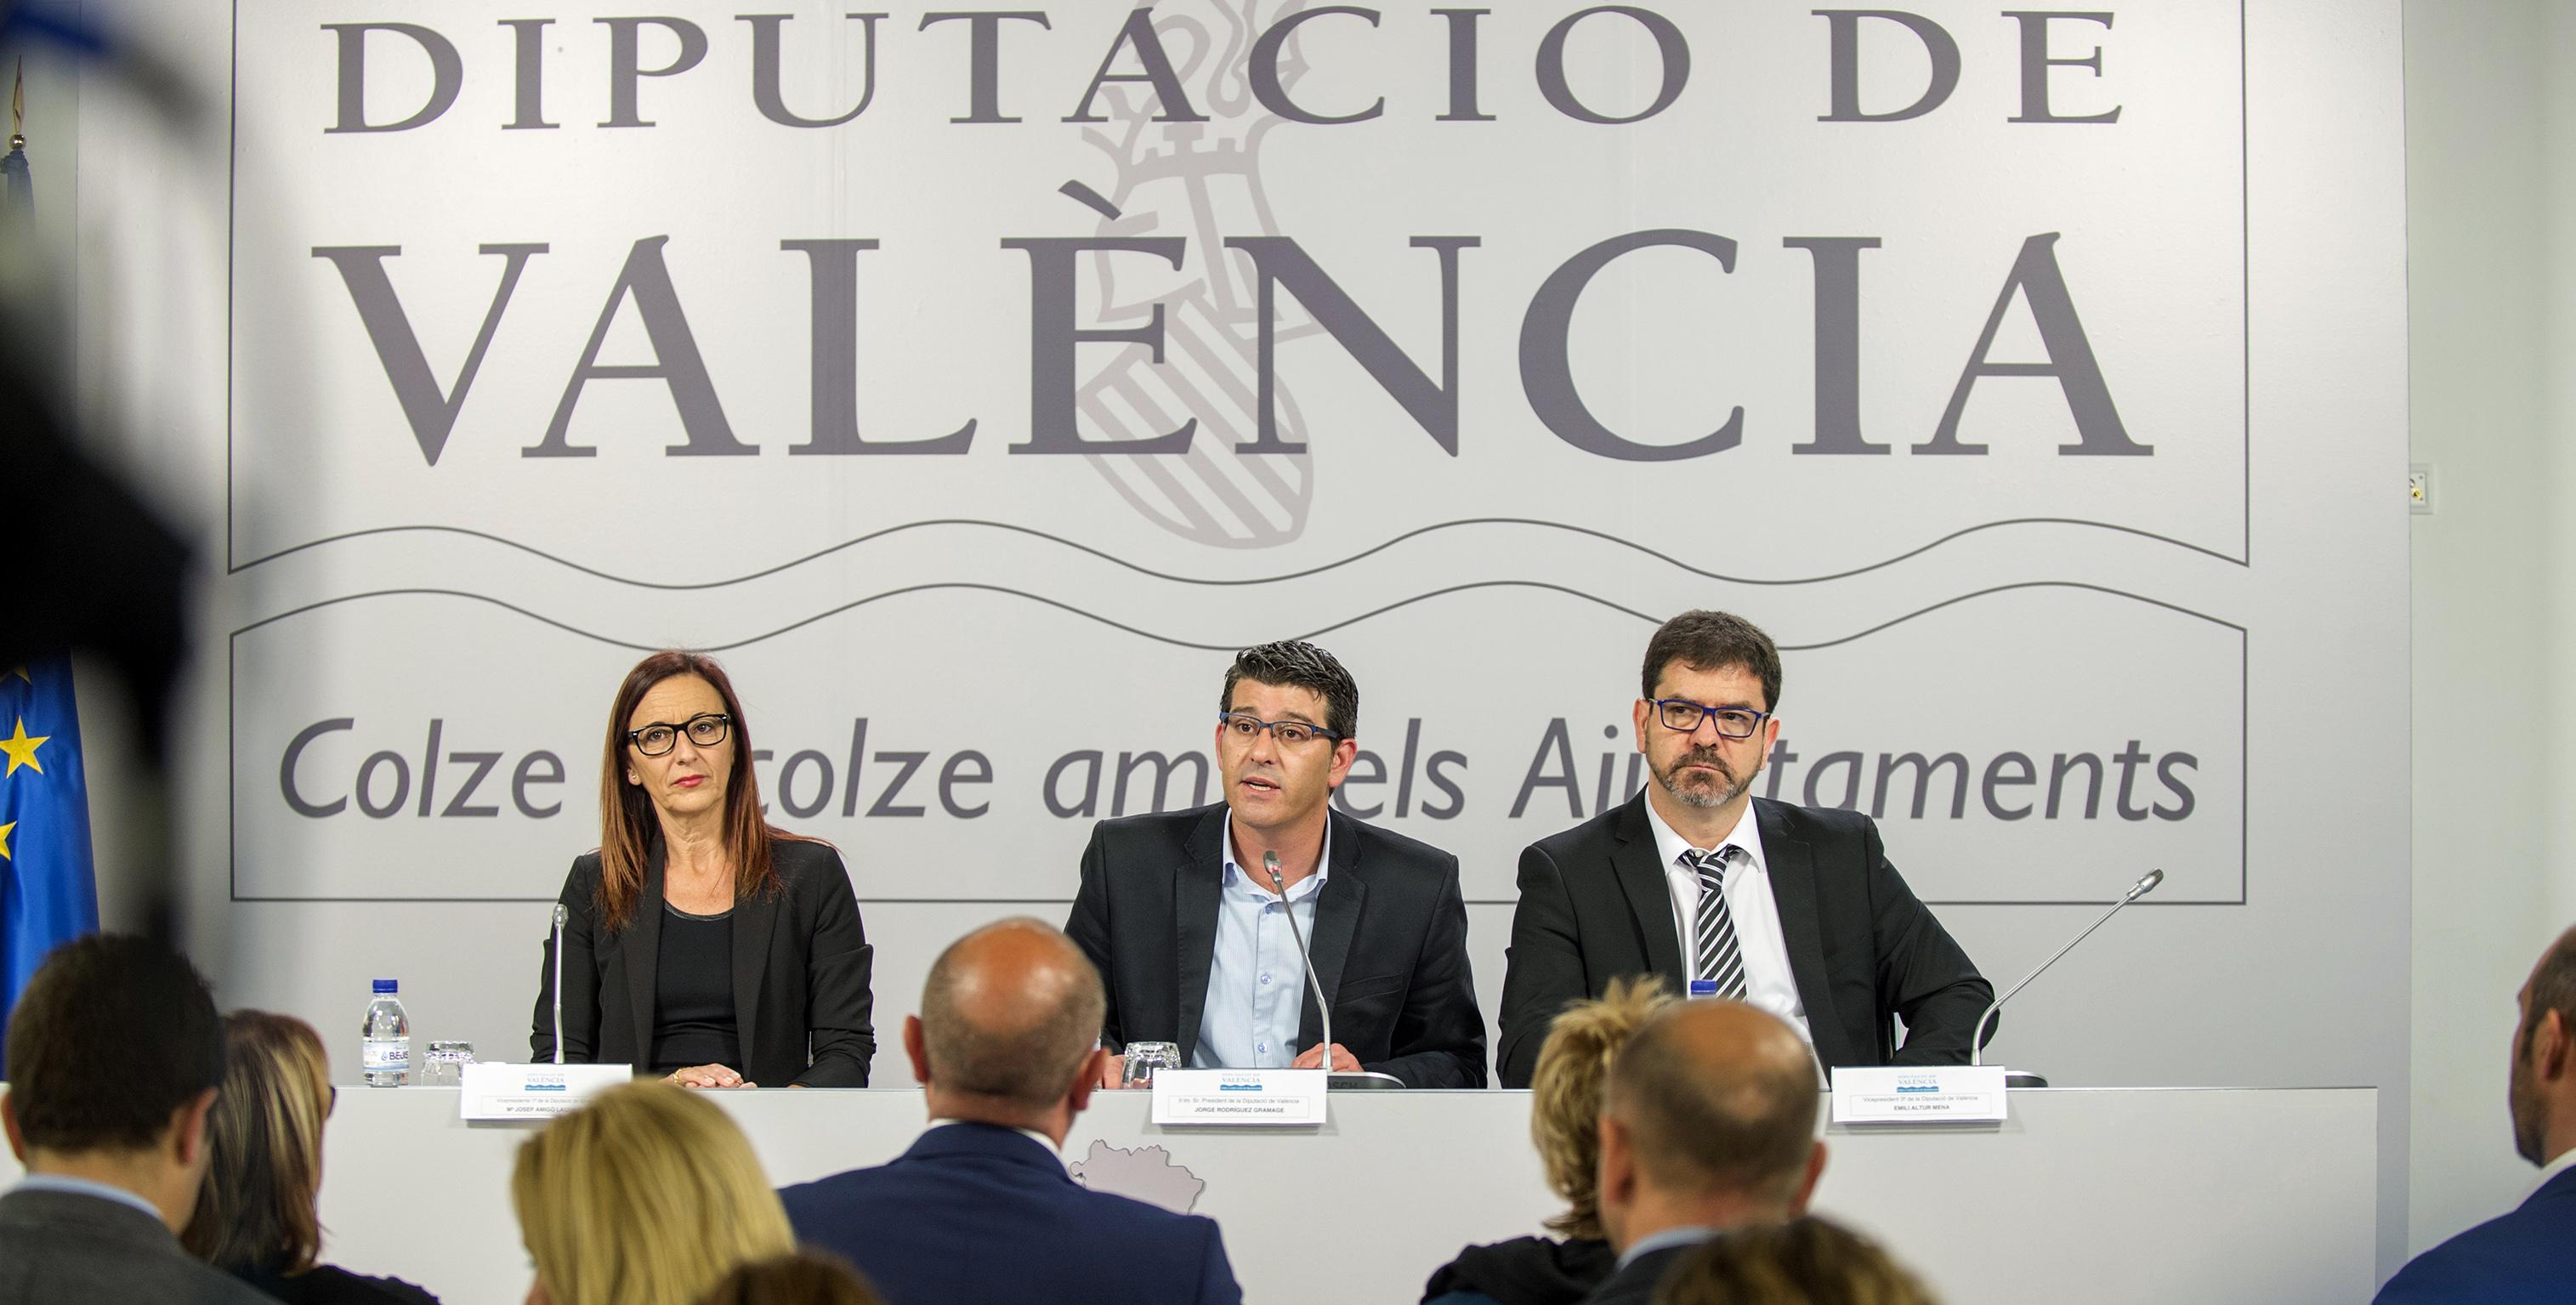 Rueda de prensa del Plan Provincial de Obras y Servicios a cargo de los responsables de la Diputación.